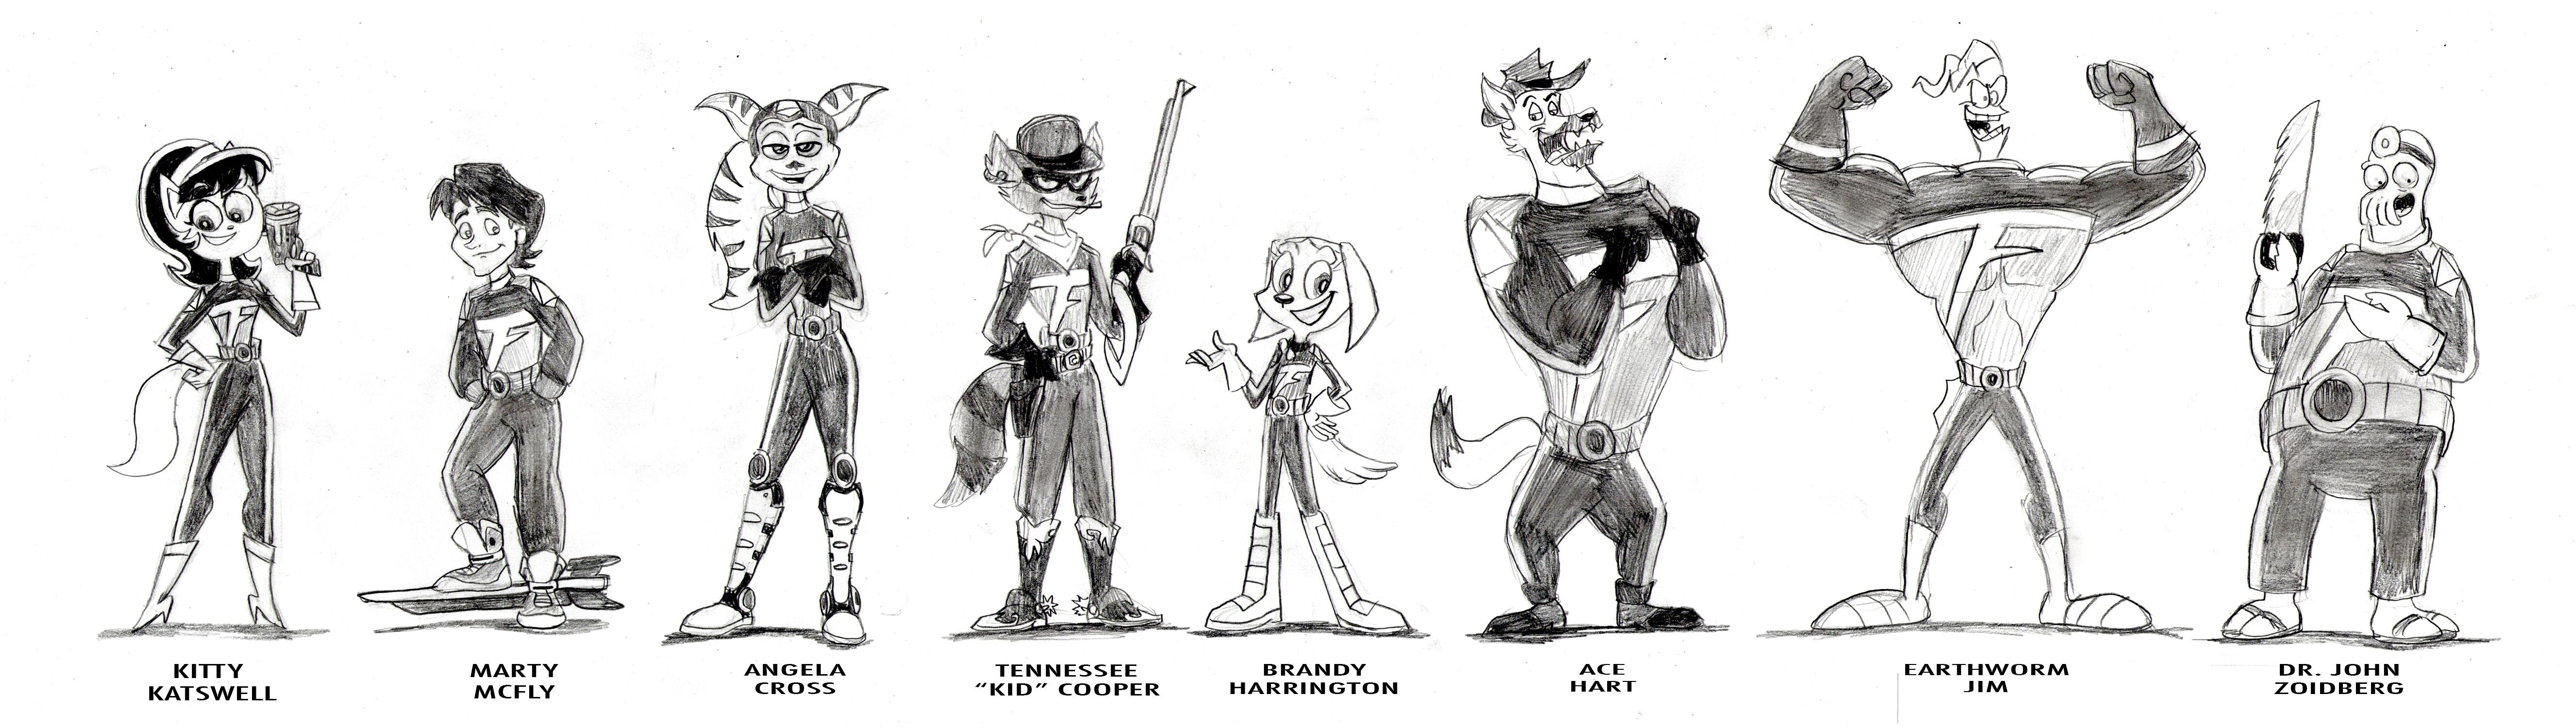 Team Flux 2014 by BreakoutKid